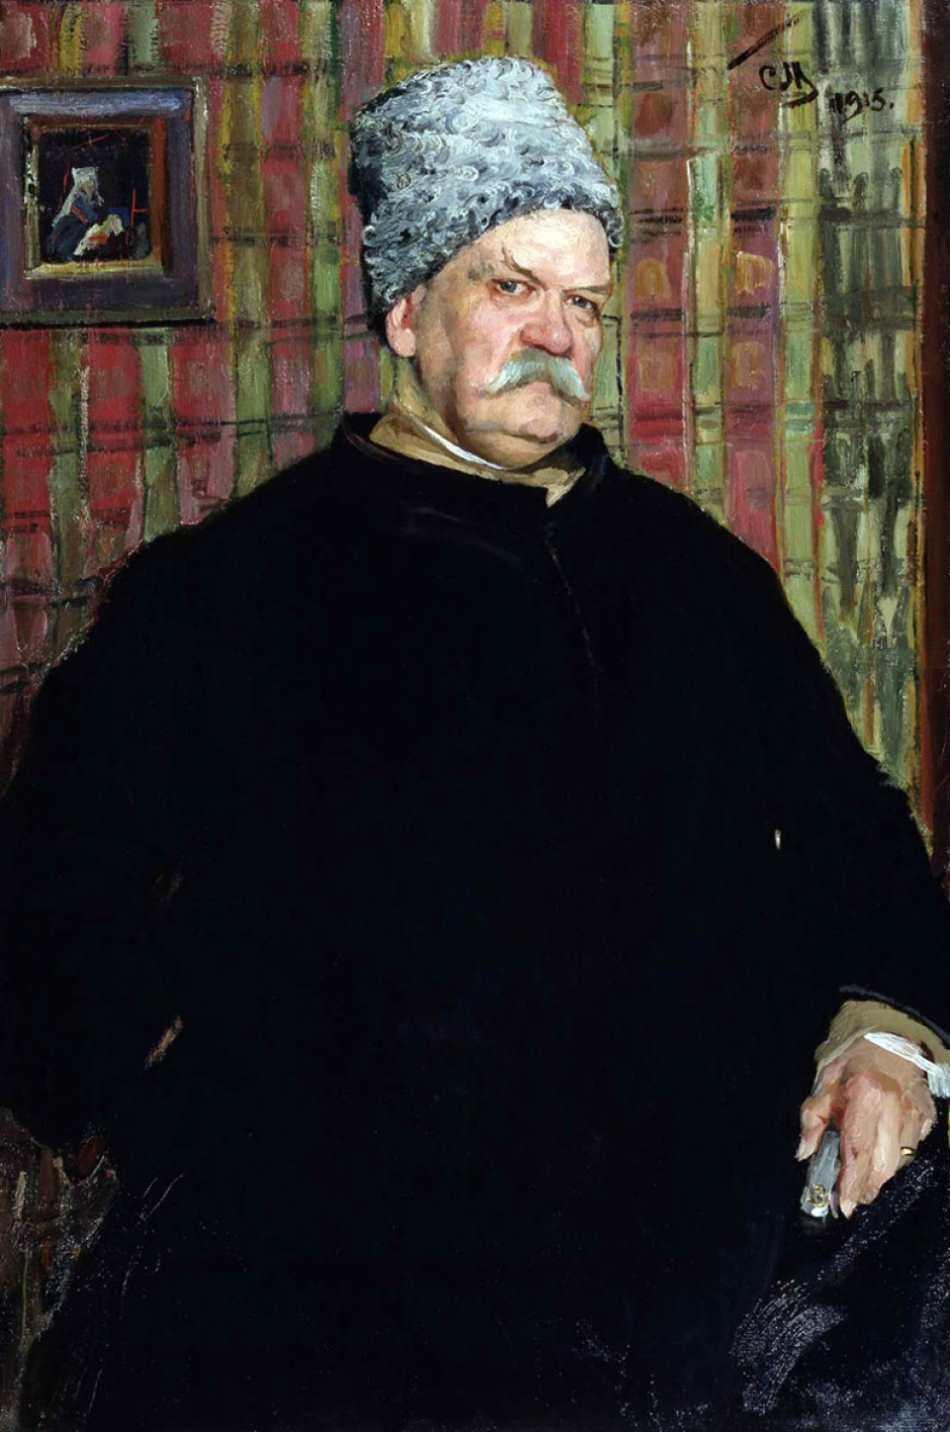 Сергей Васильевич Малютин (1859 – 1937). Портреты деятелей русской культуры